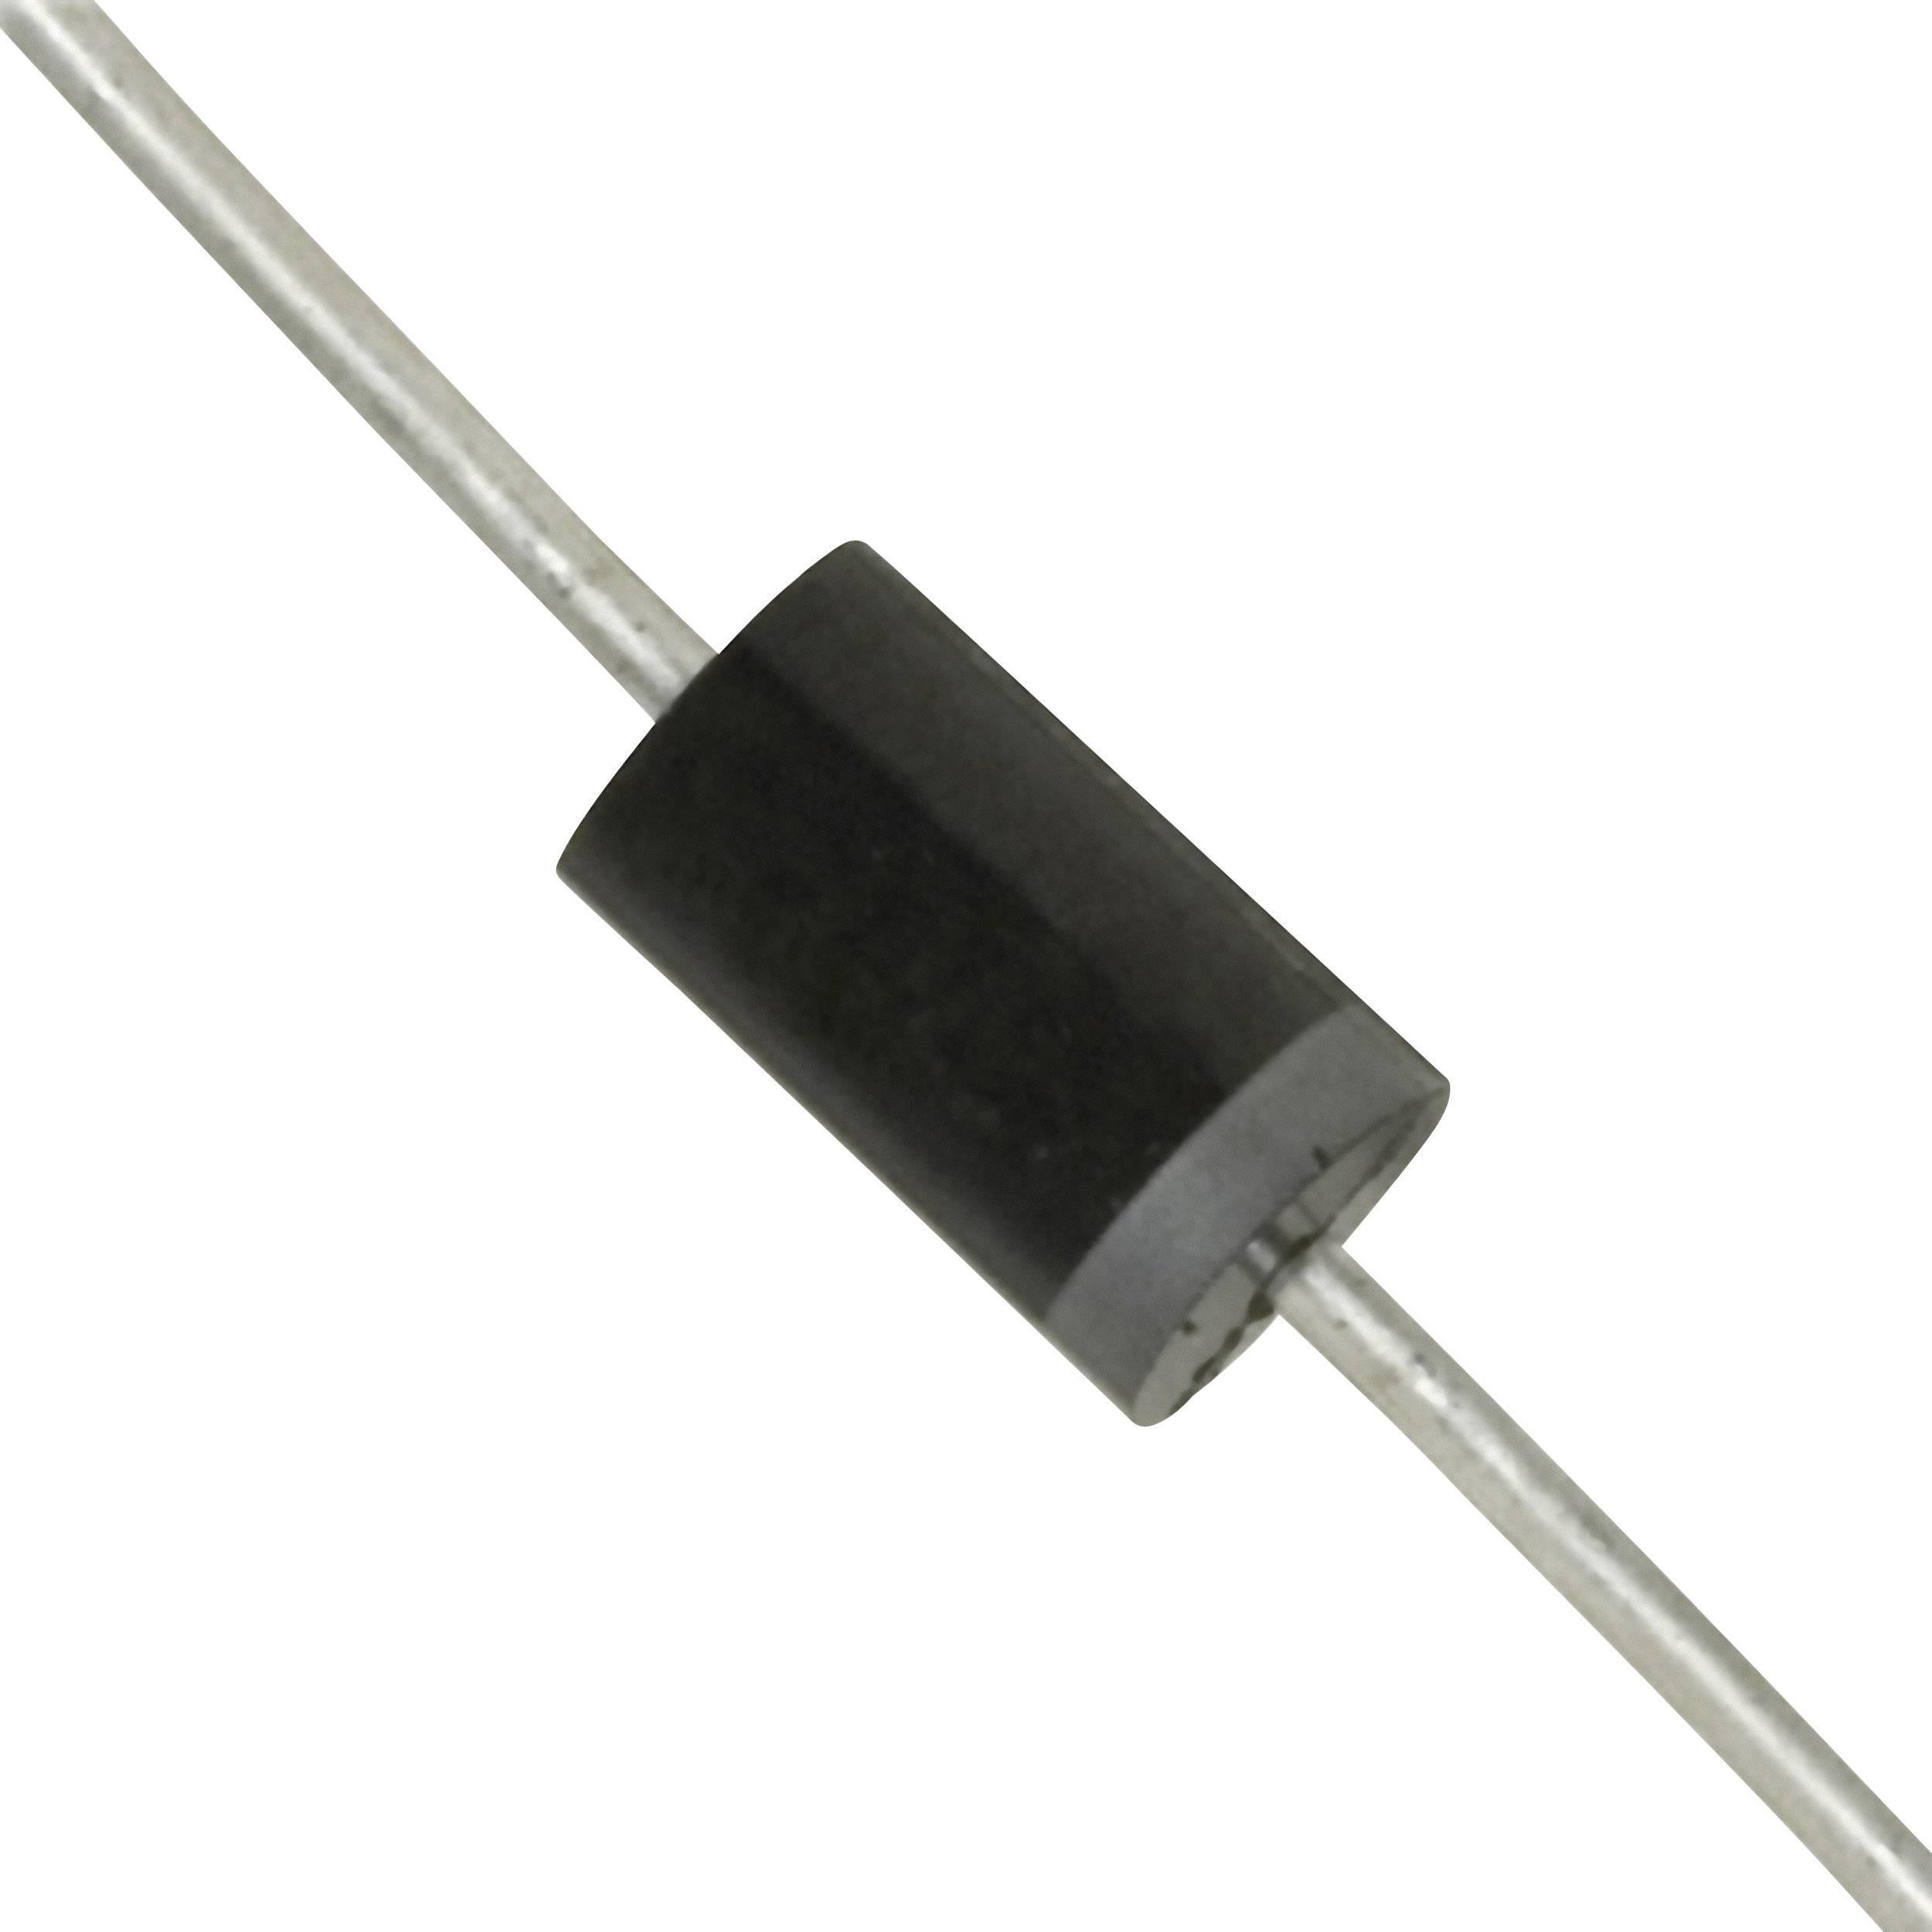 Dióda Z Diotec ZPD11, DO-35, zener. napätie 11 V